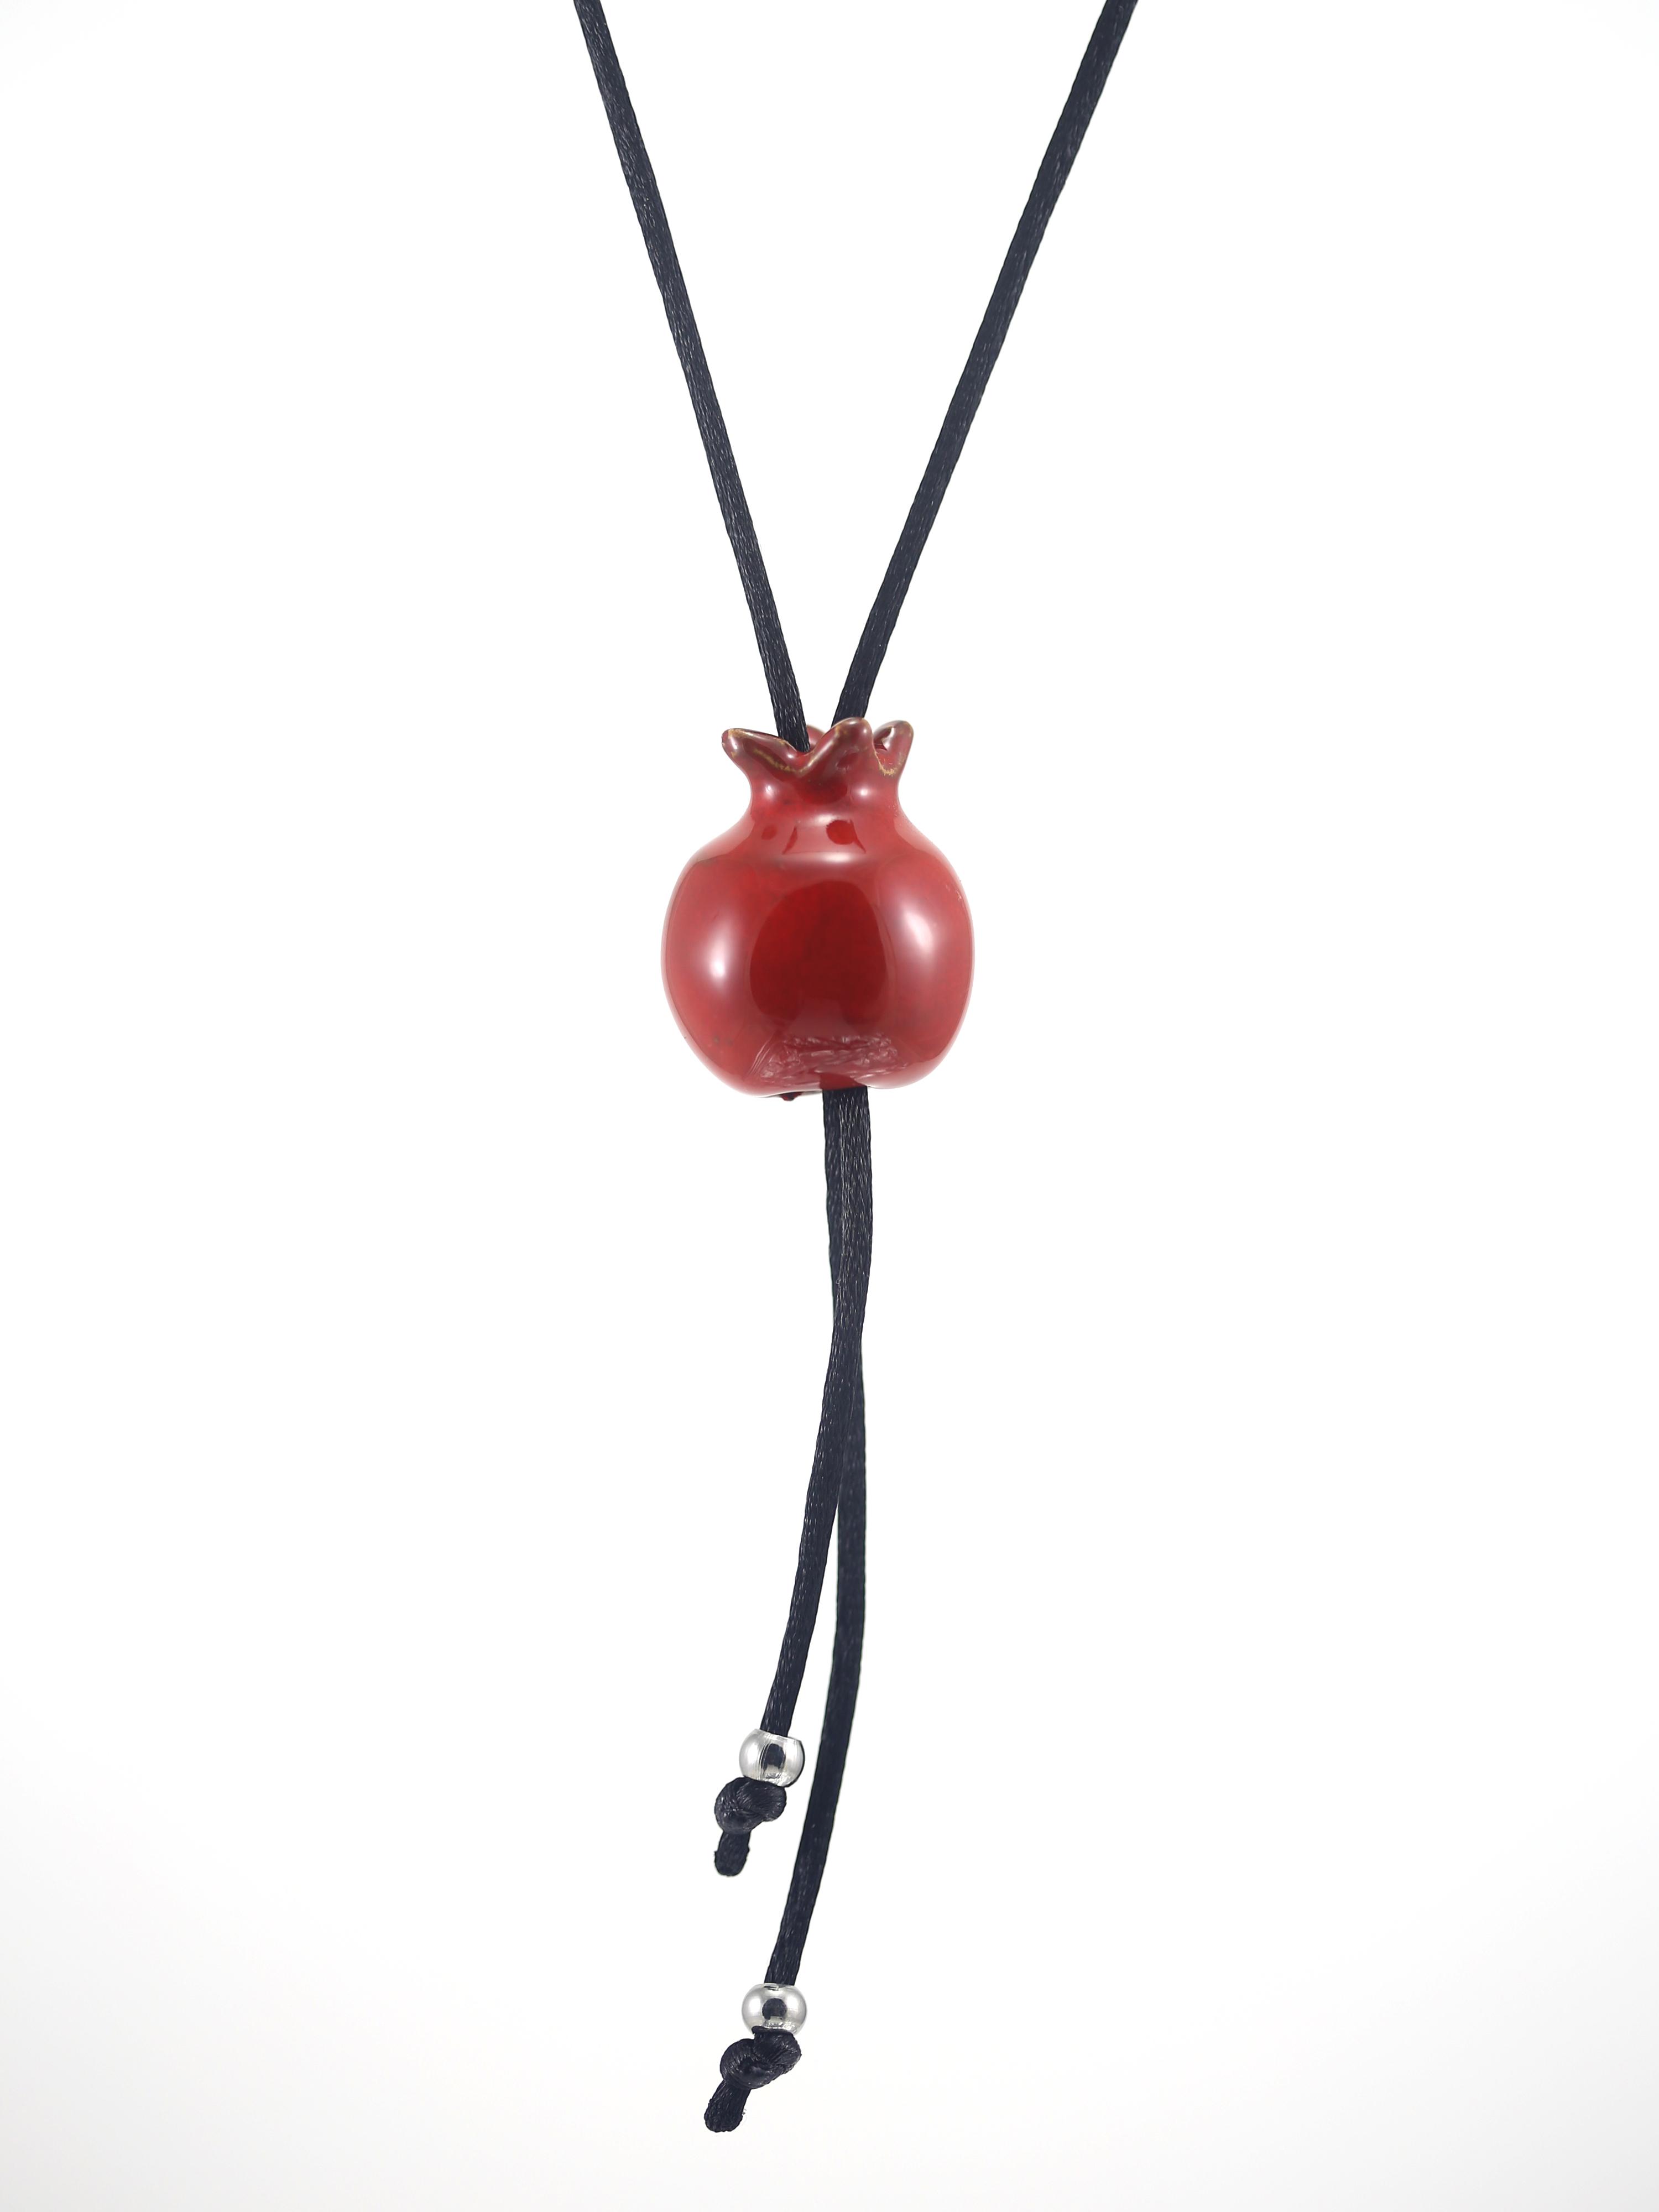 Immagine di Mini melagrana gioiello portafortuna collana artigianale collana ceramica rossa su sfondo bianco.